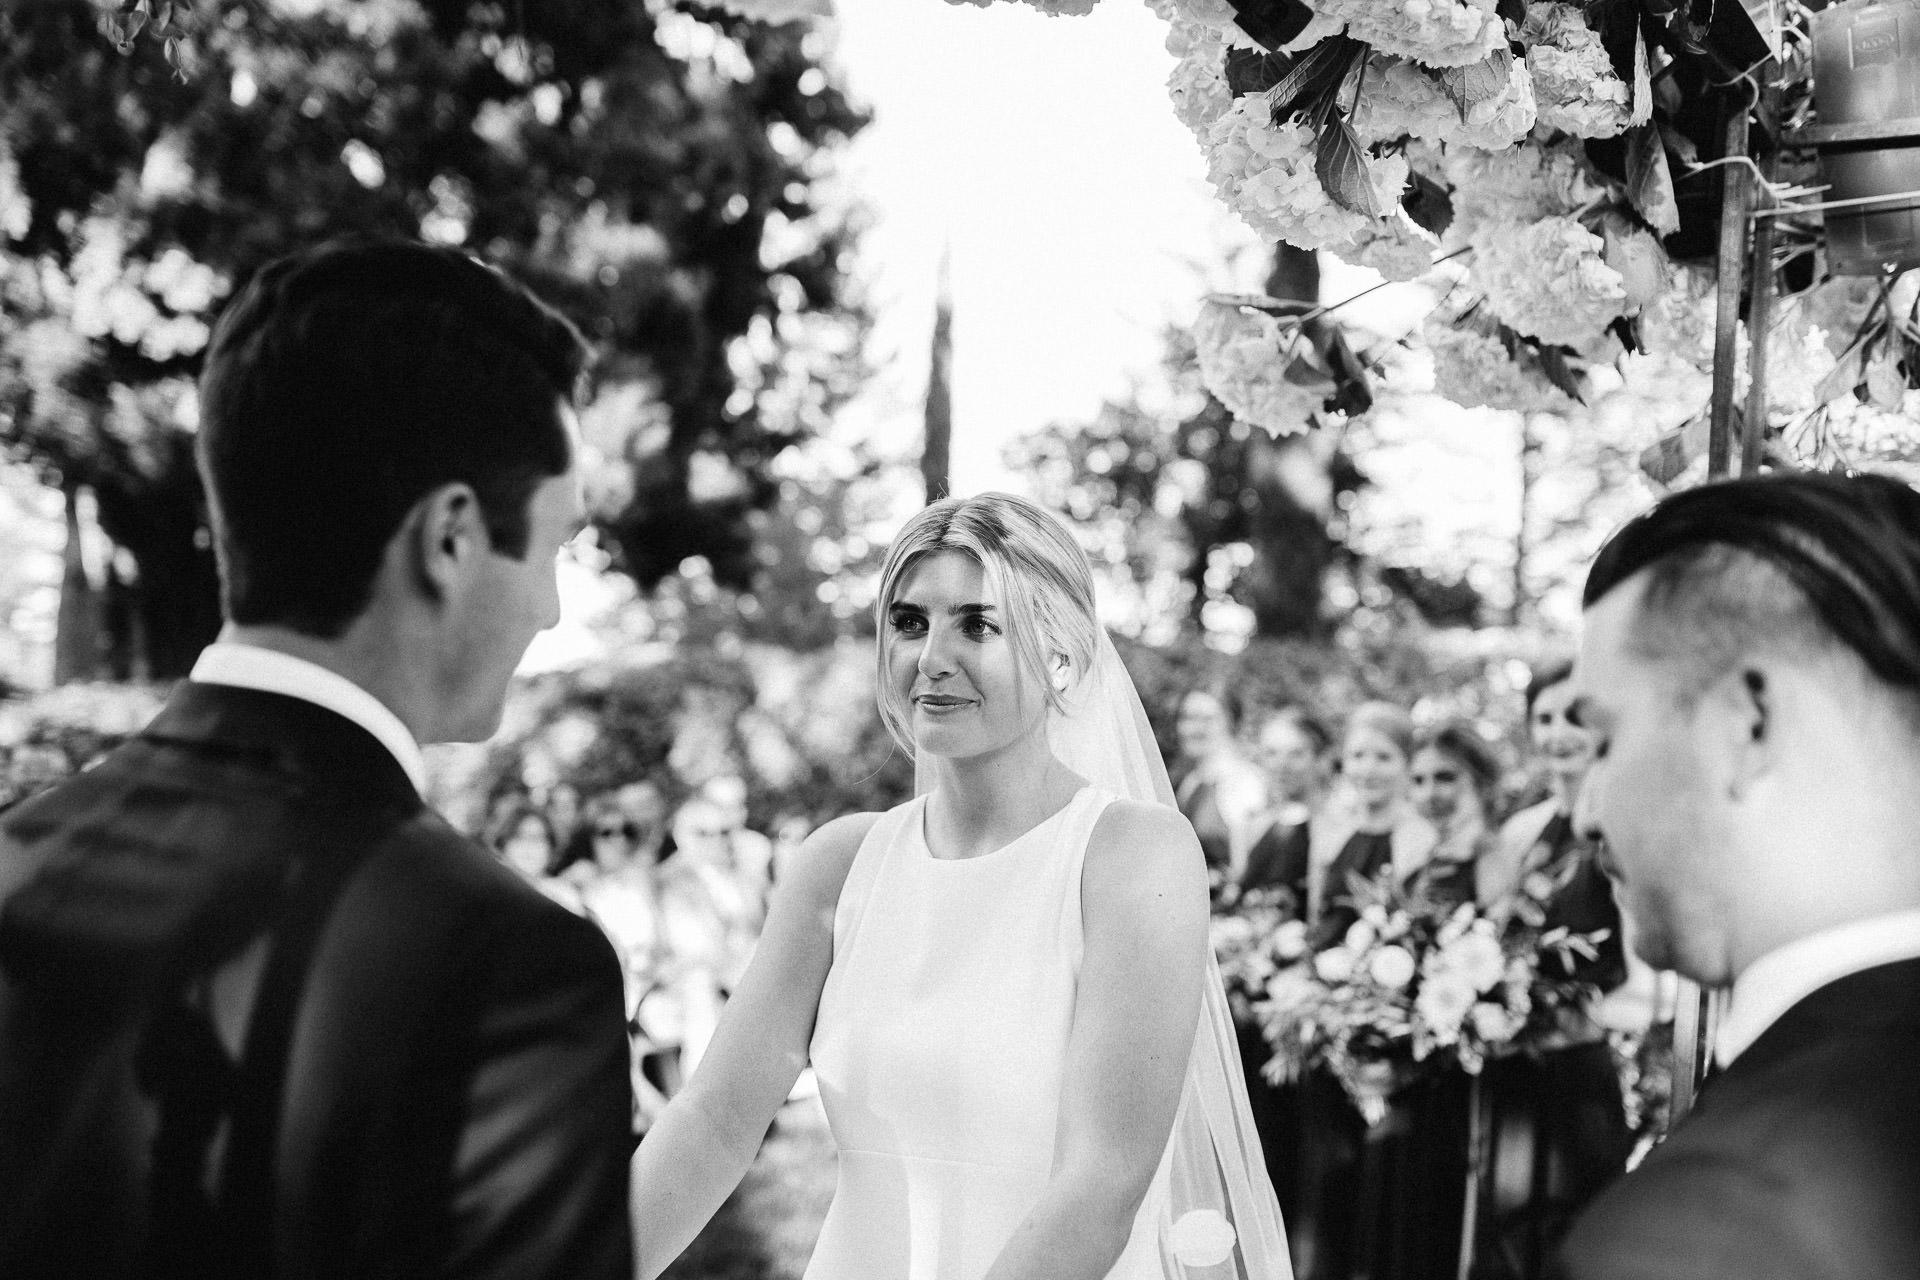 lauren_graham_wedding_california_park_winters_jeanlaurentgaudy_051